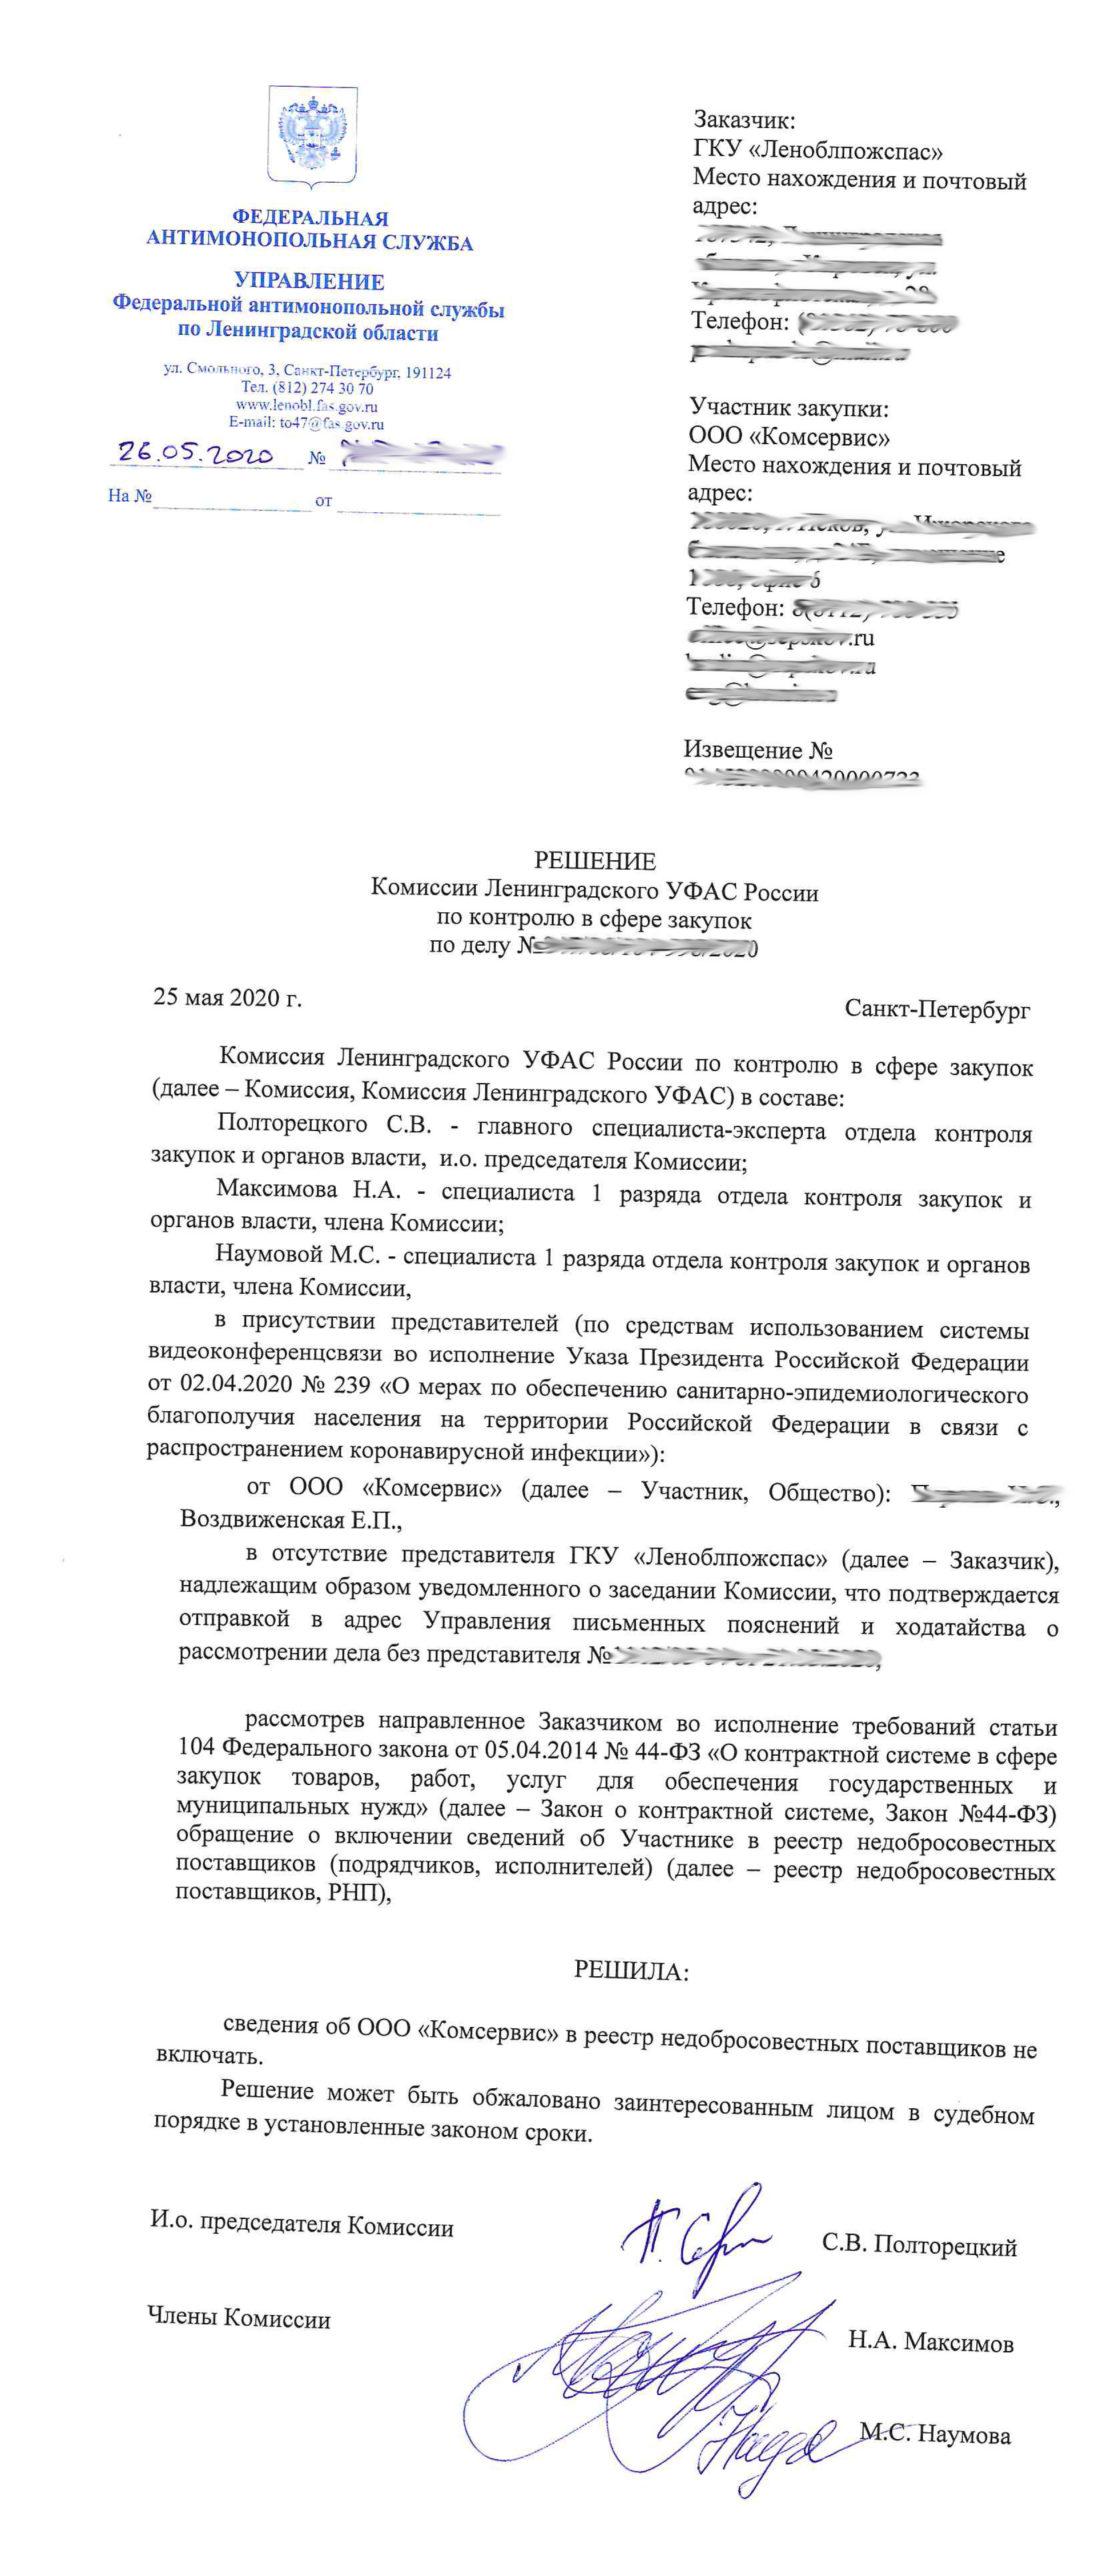 Ленинградская обл УФАС Комсервис